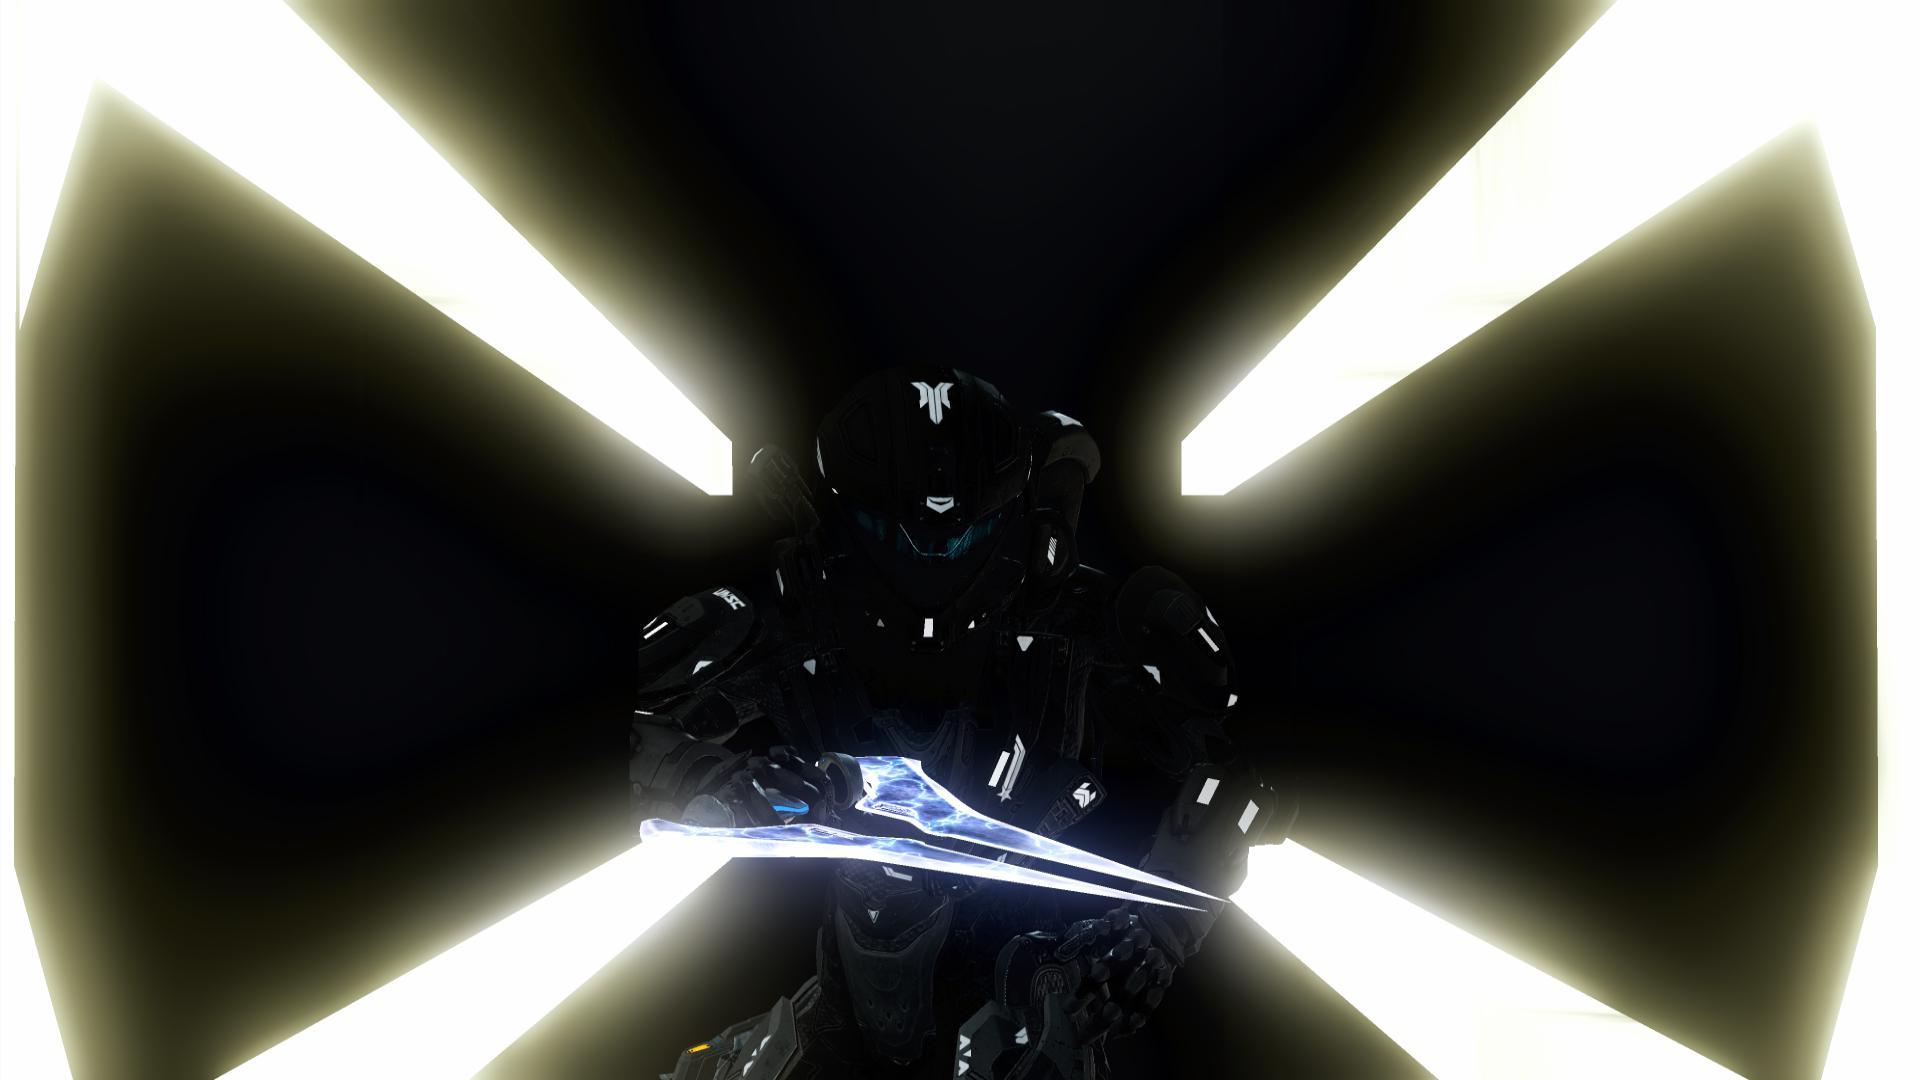 Sword by Draxsonia